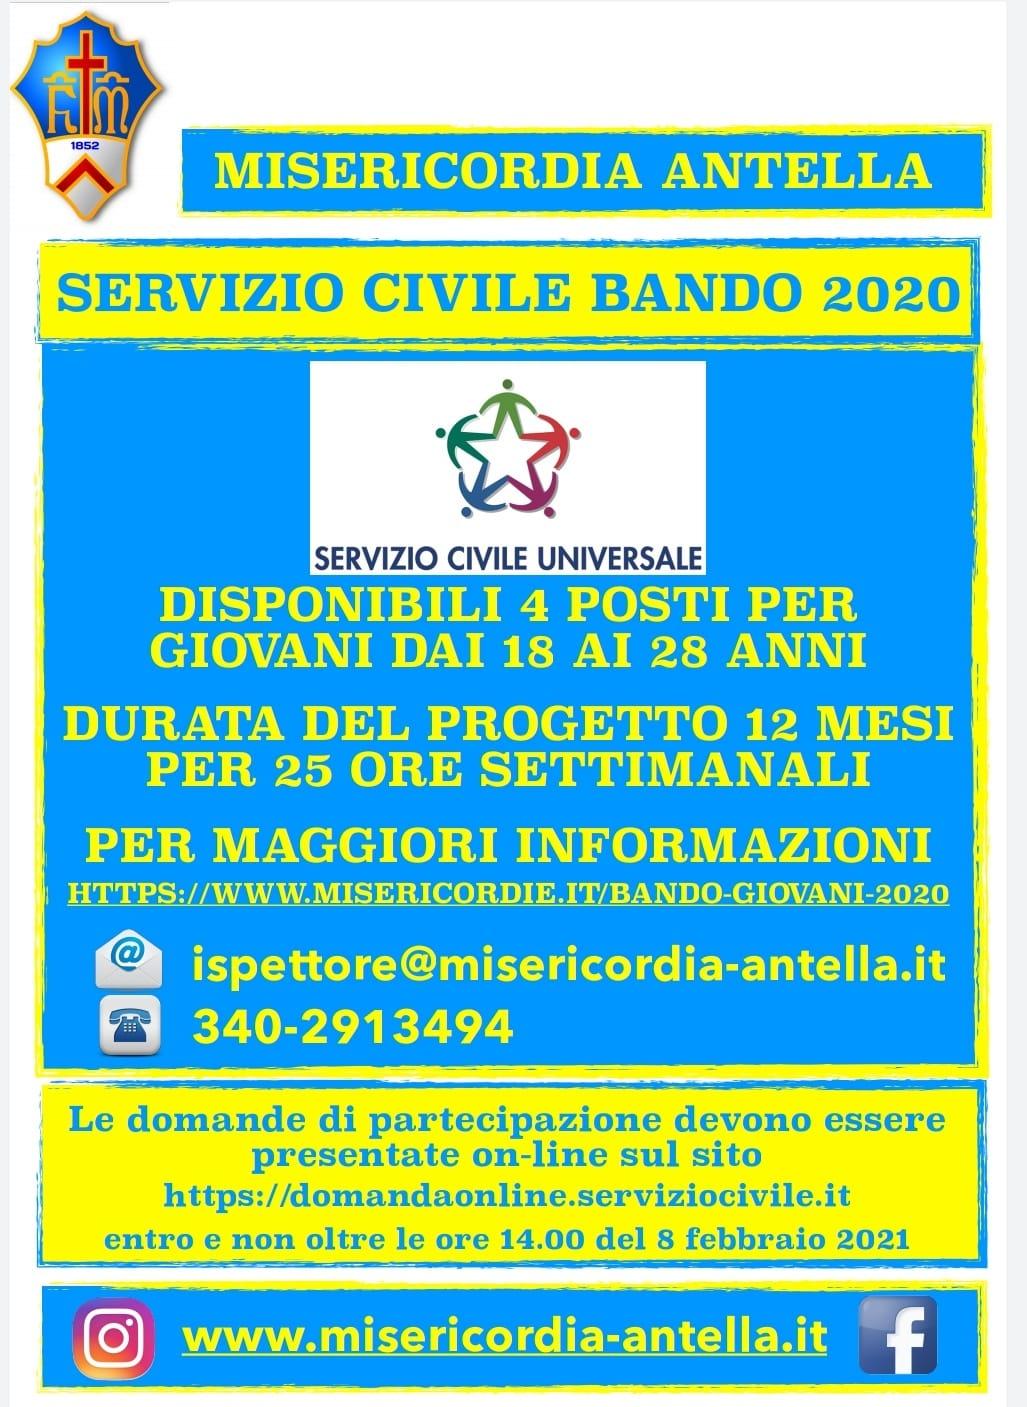 Servizio-Civile-per-4-giovani-della-Misericordia-Antella.jpg